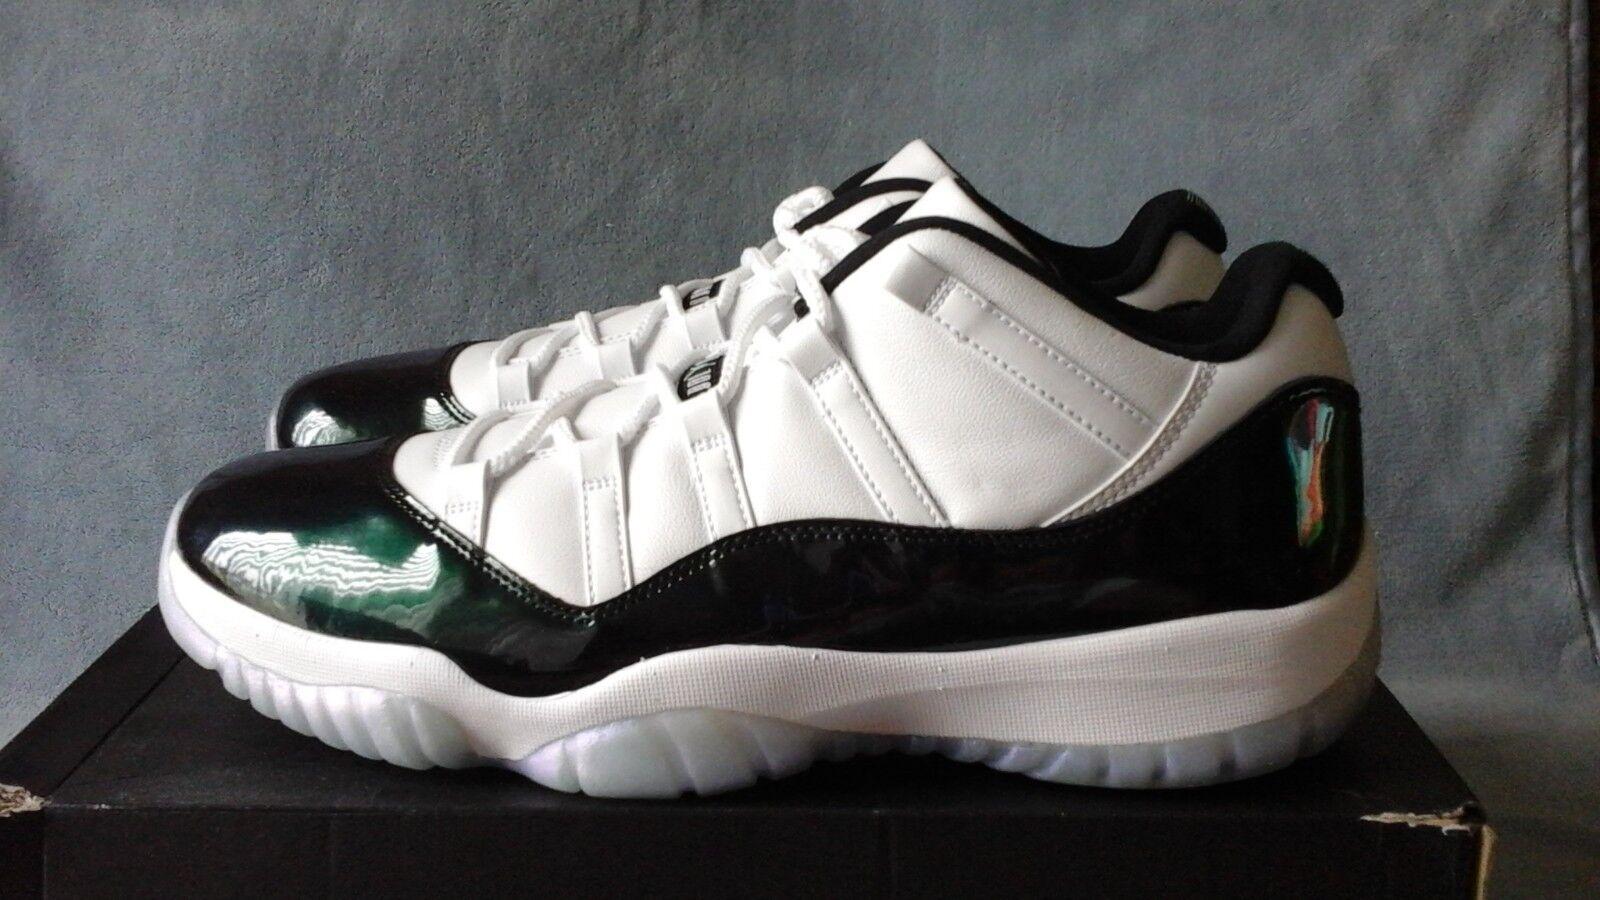 Nike Air Jordan Emerald 11 Retro Low blanc Emerald Jordan 528895-145 6ca102